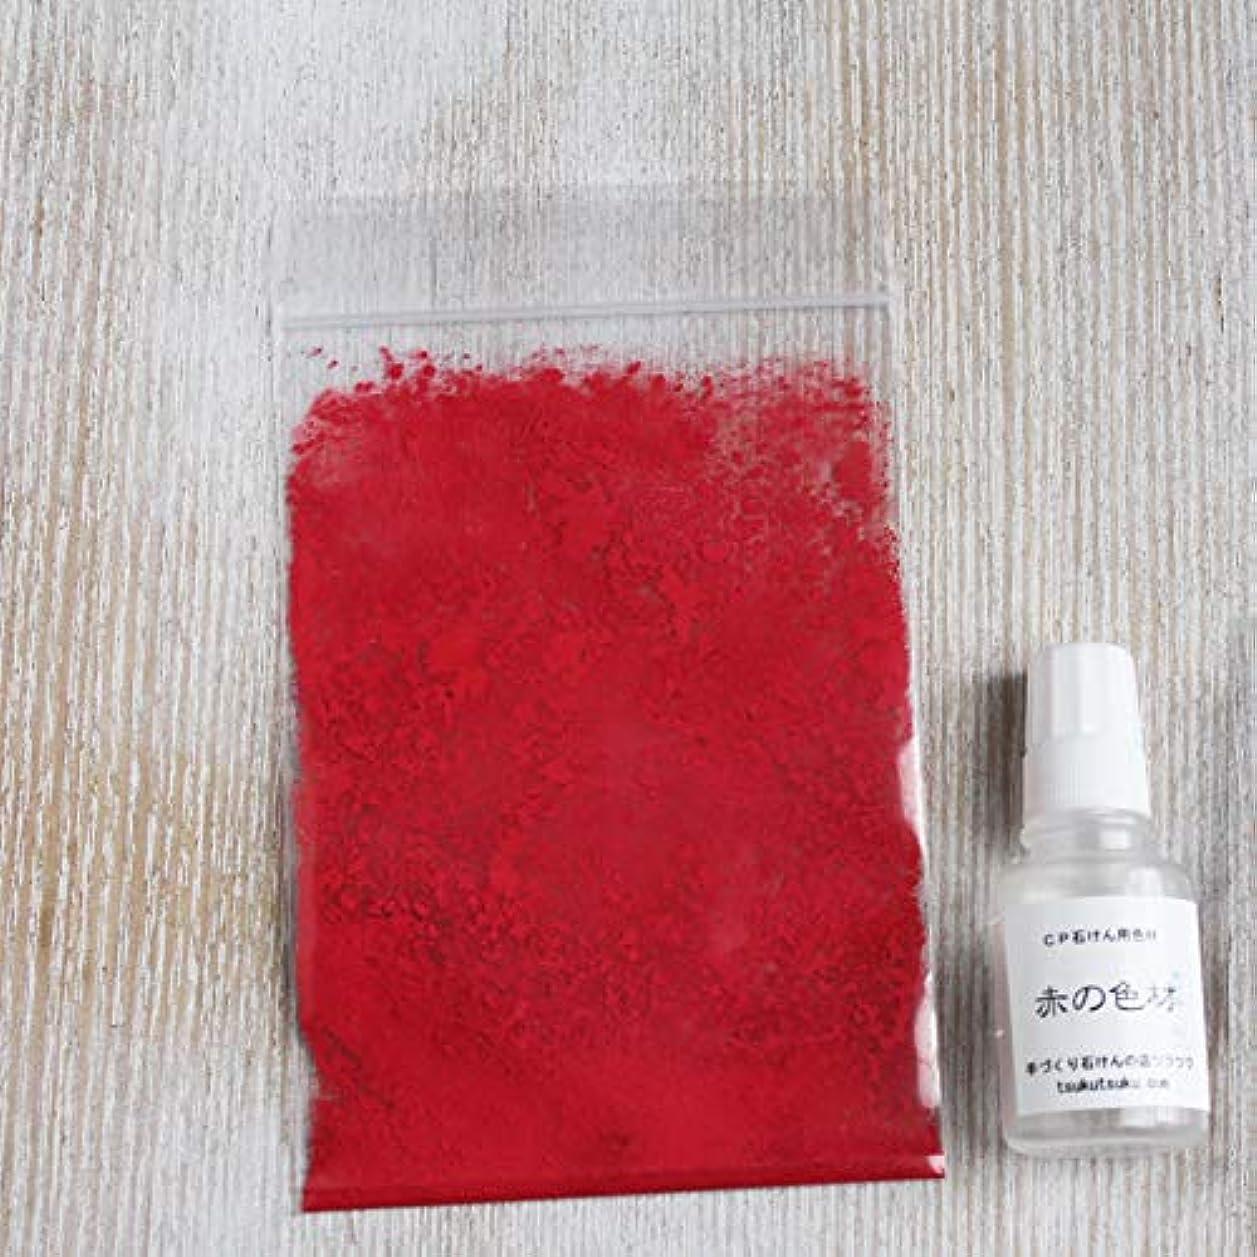 確かなスポンサー冬CP石けん用色材 赤の色材キット/手作り石けん?手作り化粧品材料